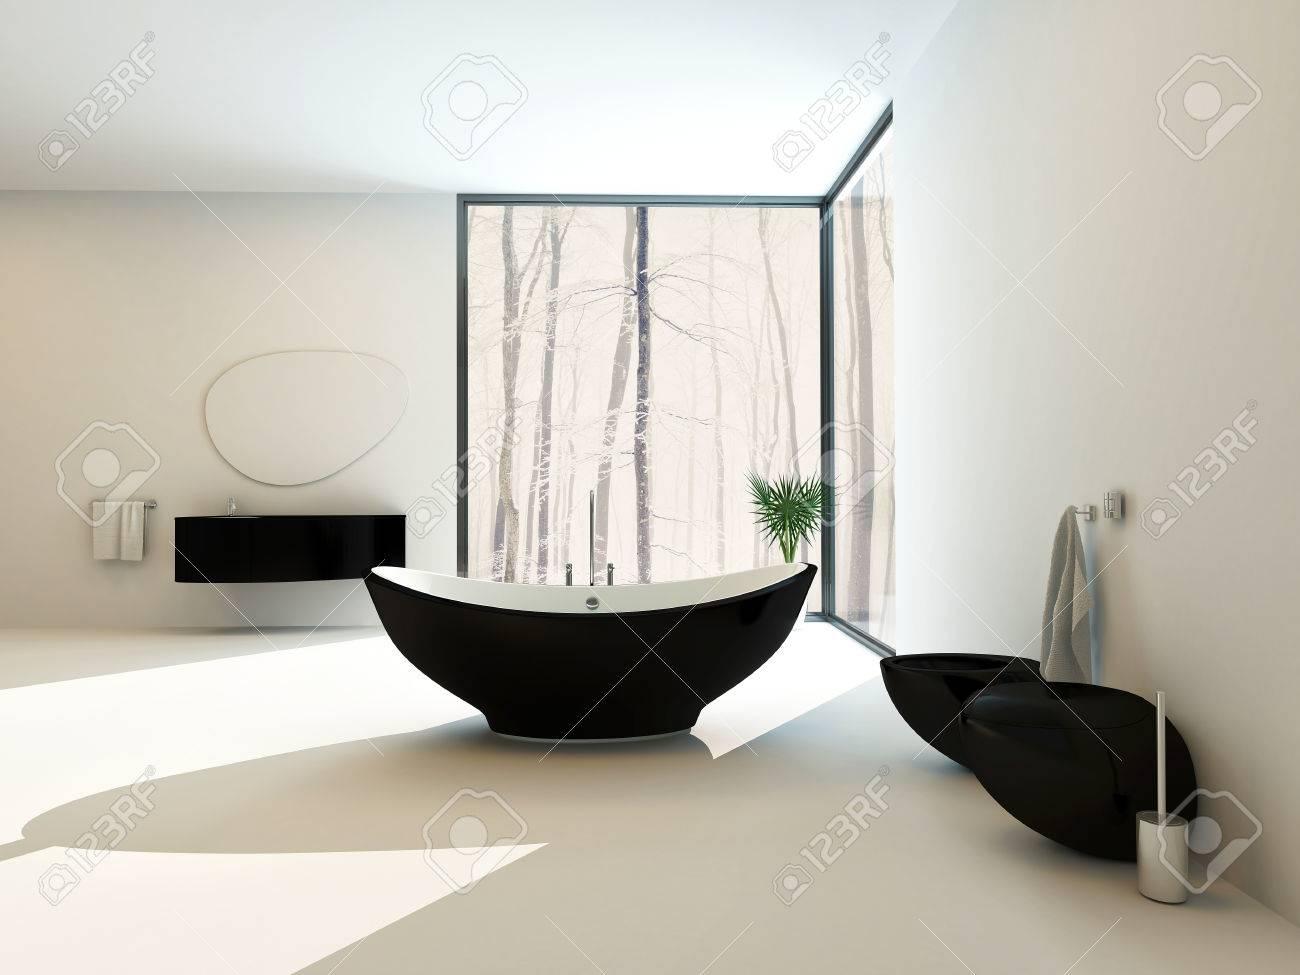 Bagno nero contemporaneo con una vasca da bagno a forma di barca ...